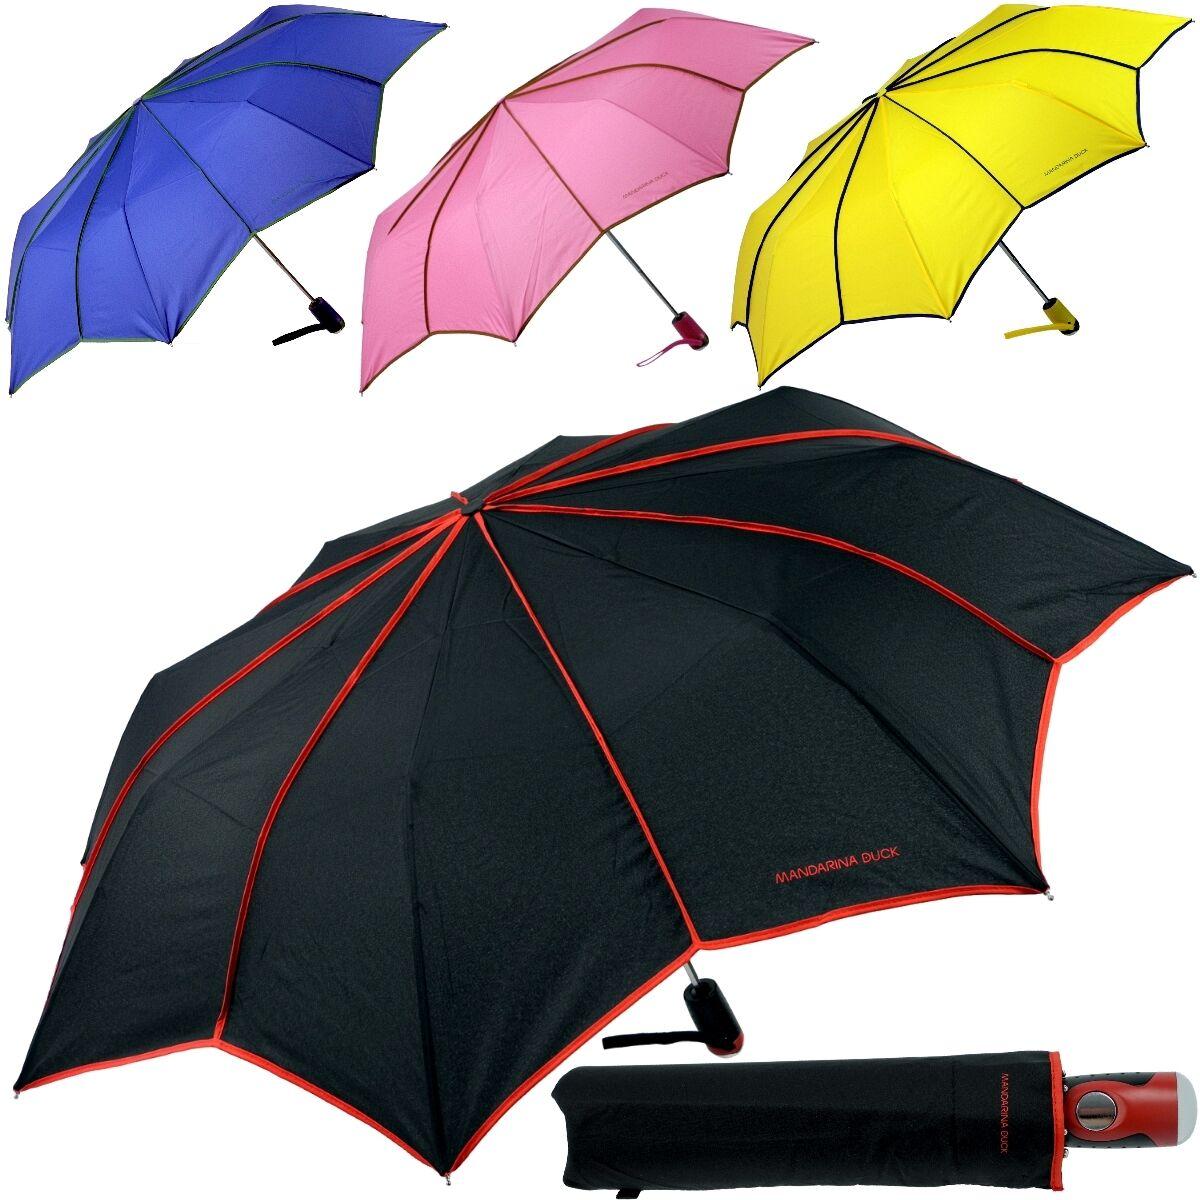 Ladies Umbrella Parasol Mandarina Duck Pocket Umbrella Sleeve click Automatic On